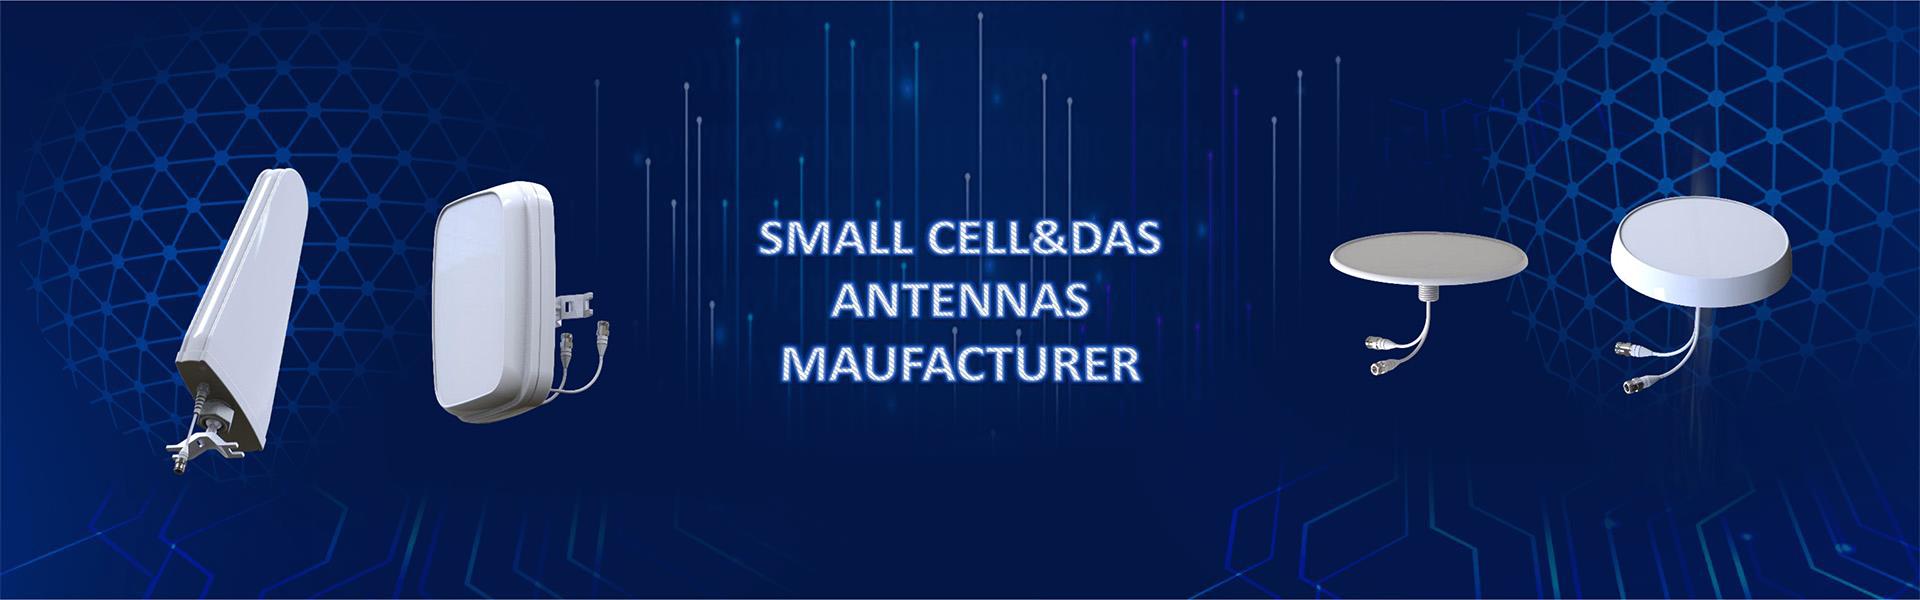 Small Cell&DAS